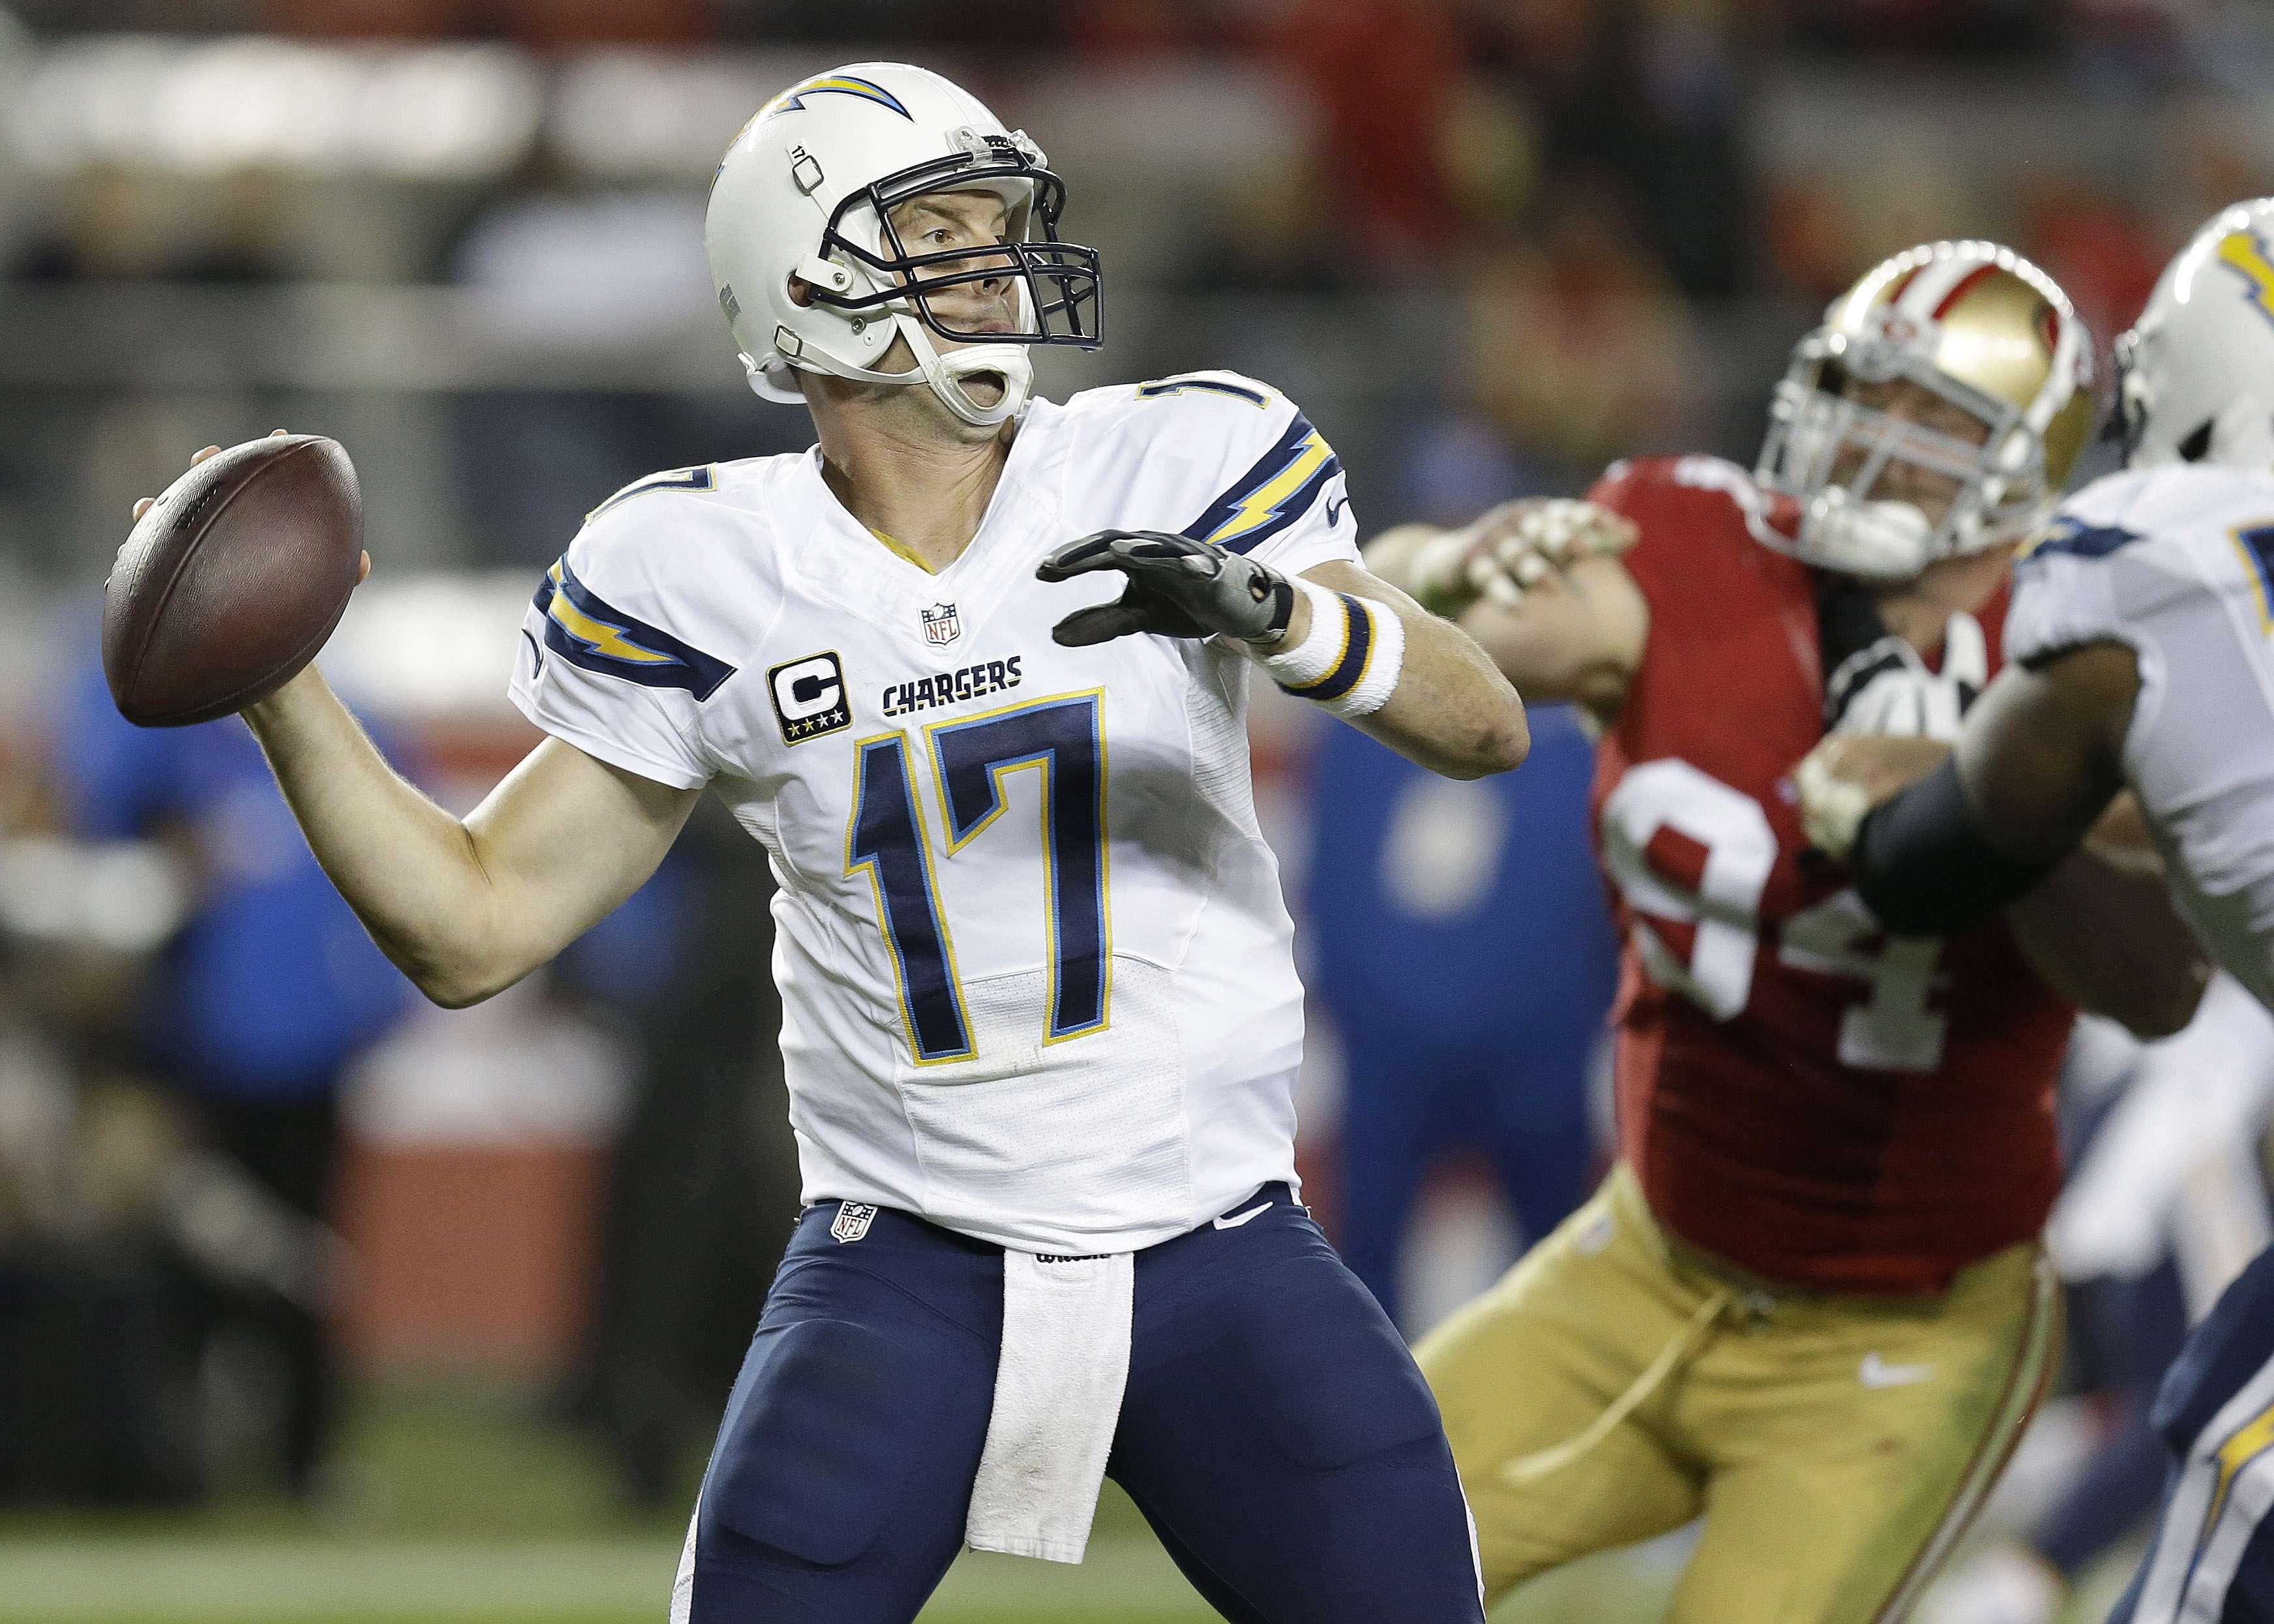 Philip Rivers necesitaría cirugía al final de la temporada Foto: AP